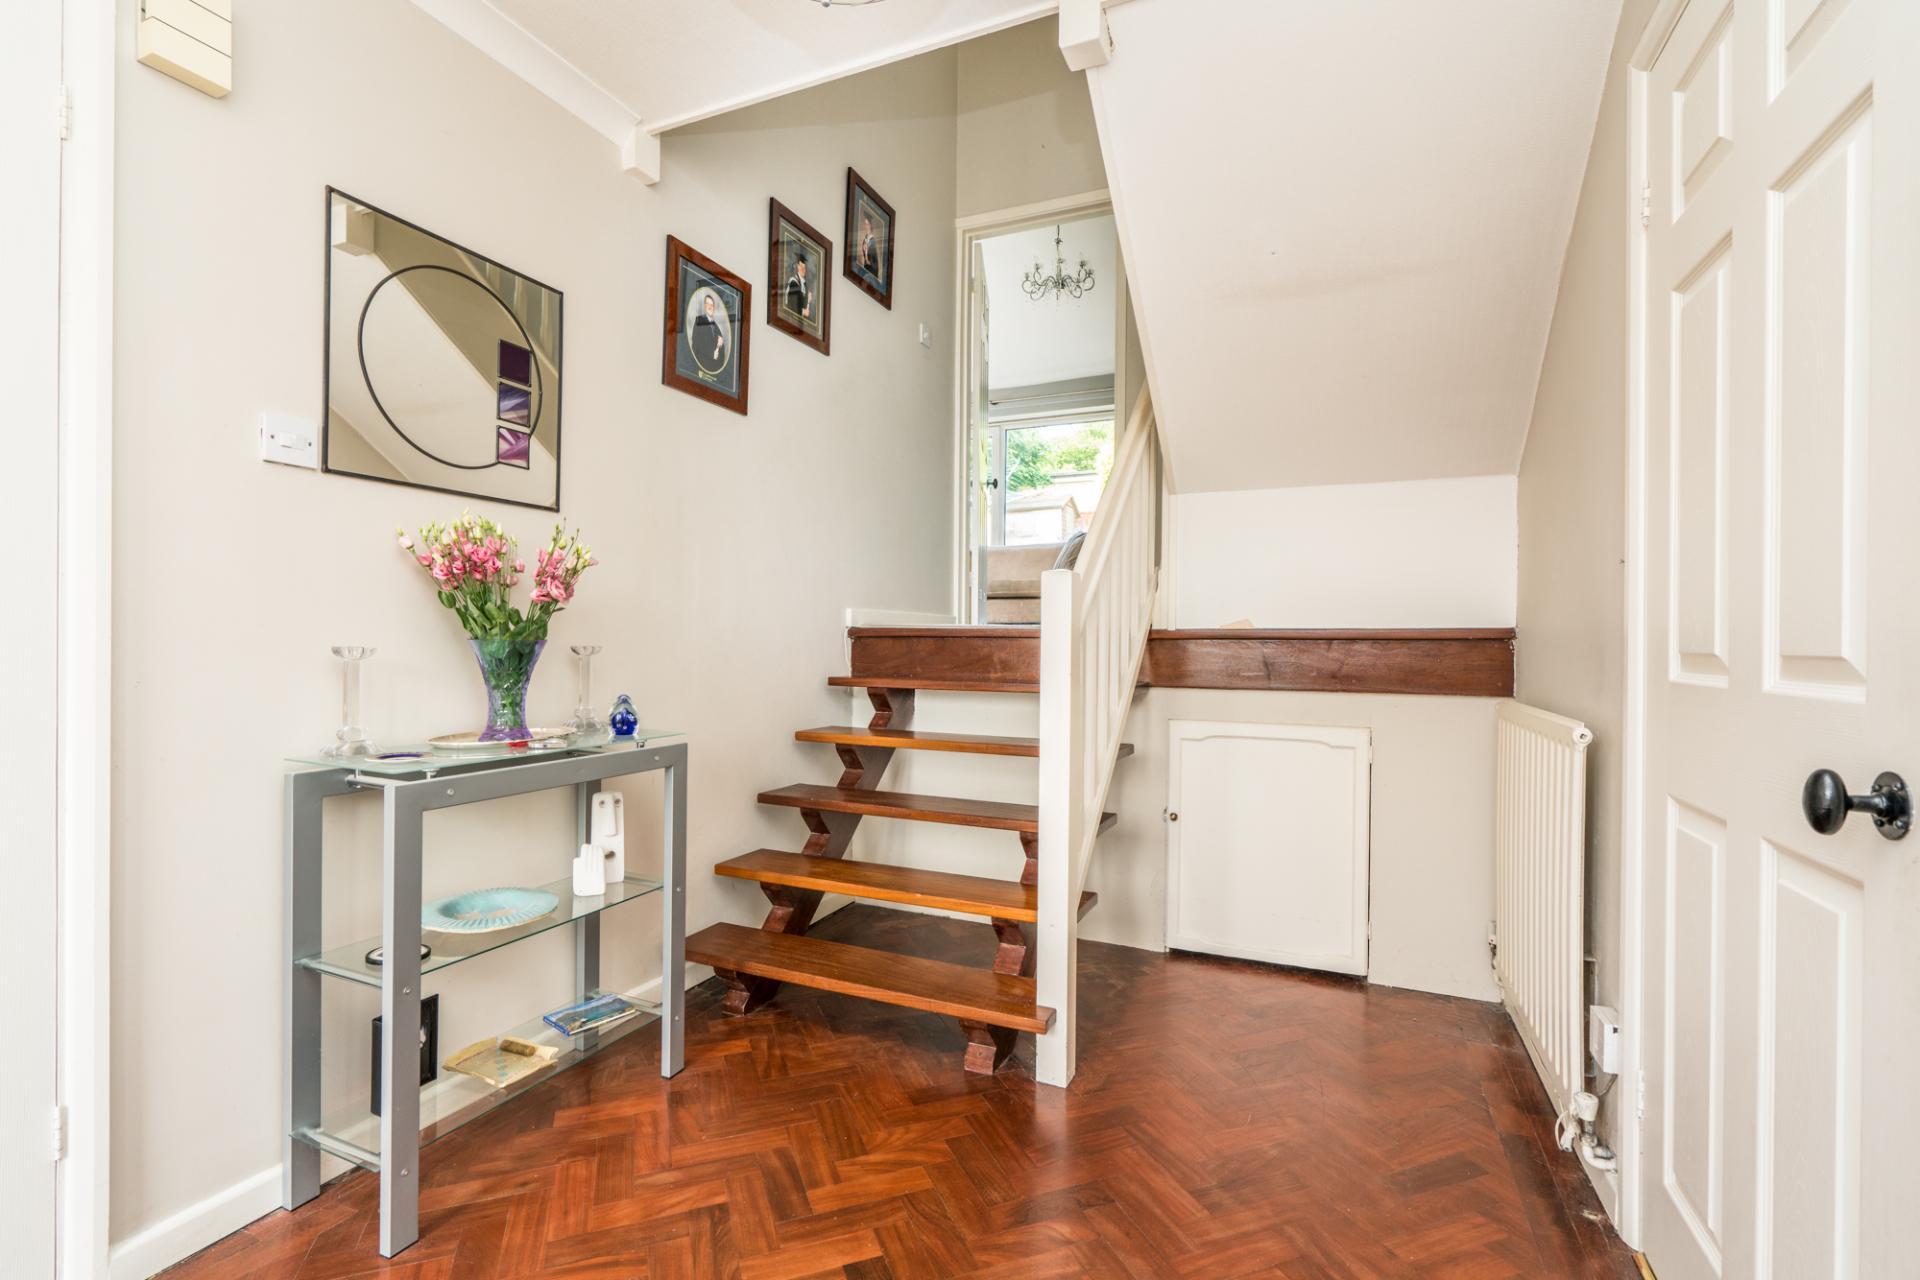 3 bedroom house for sale in st albans. Black Bedroom Furniture Sets. Home Design Ideas